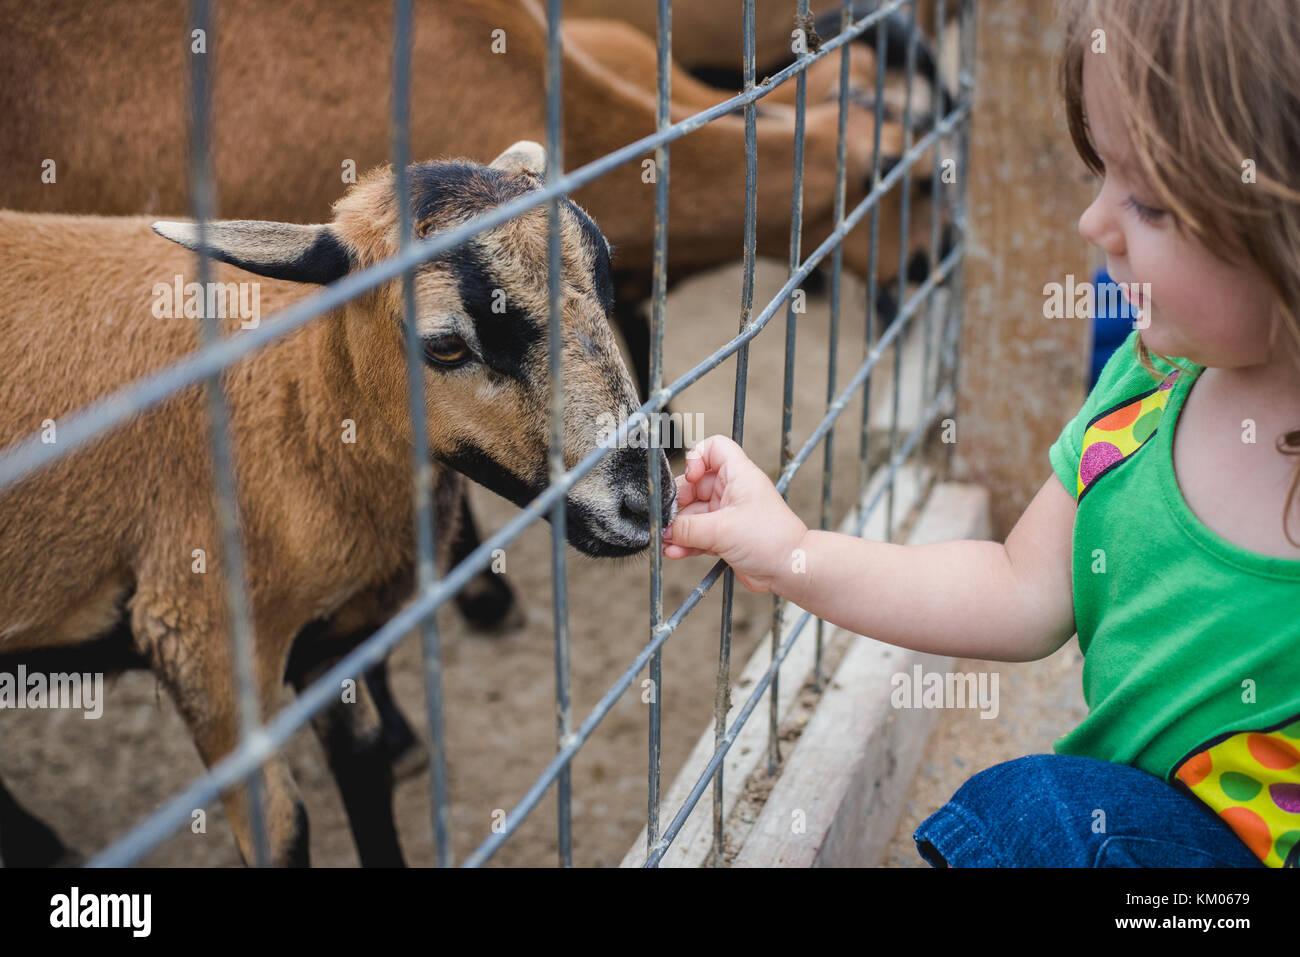 Una niña se alimenta de cabras en un zoológico de contacto Imagen De Stock